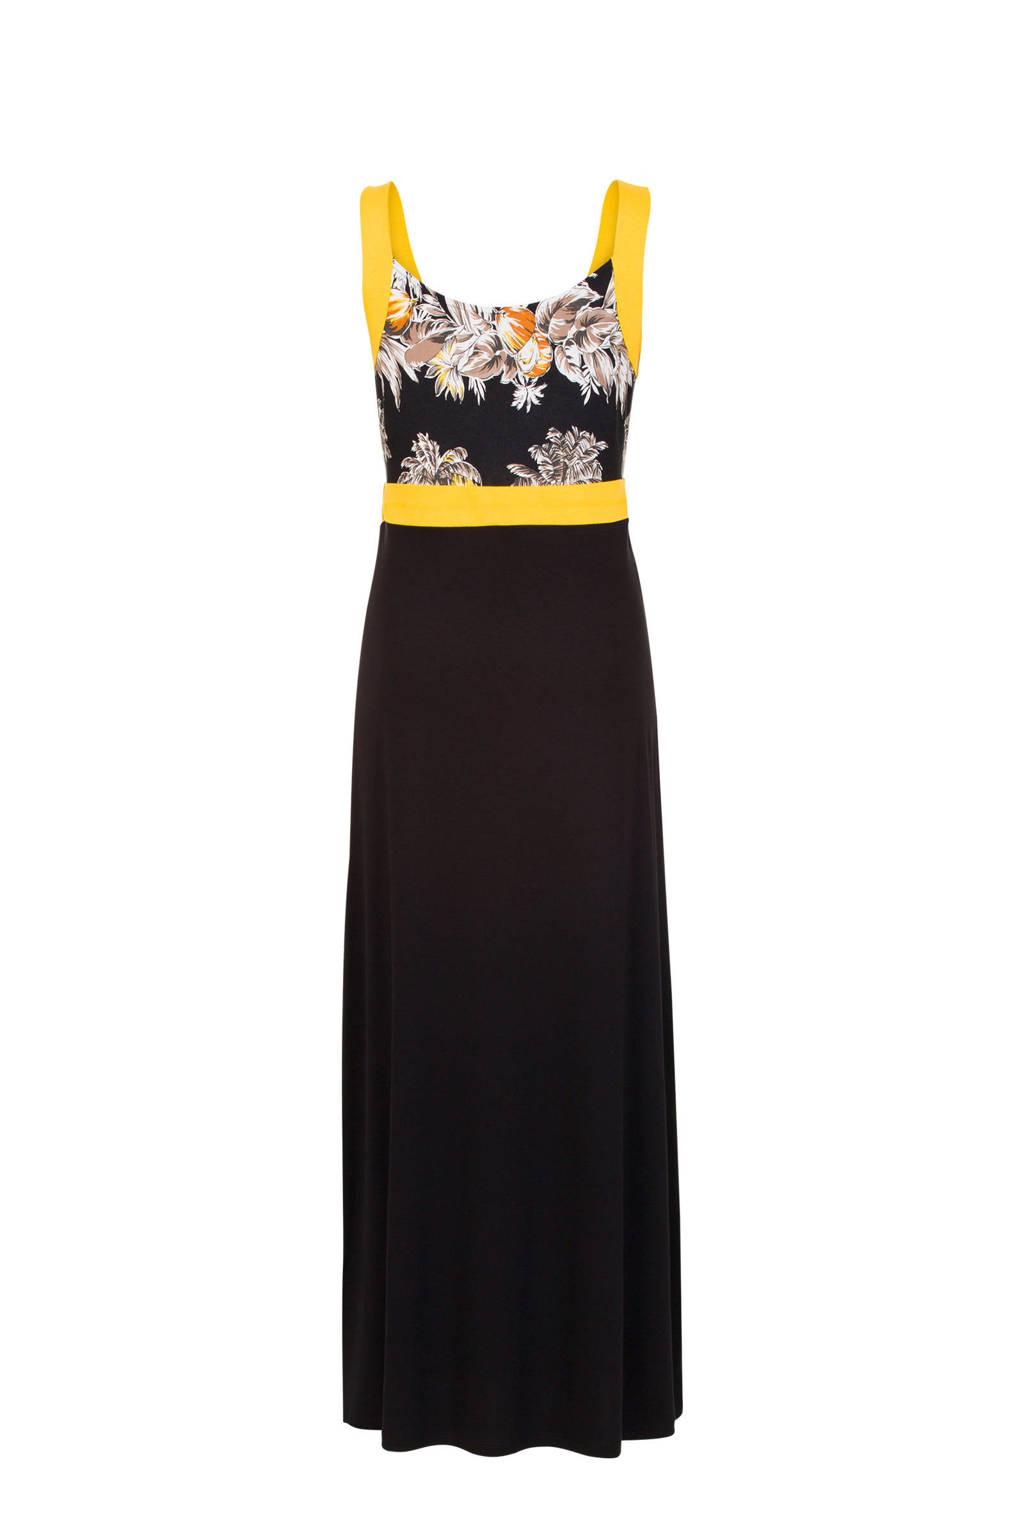 Miss Etam Regulier maxi jurk zwart, Zwart